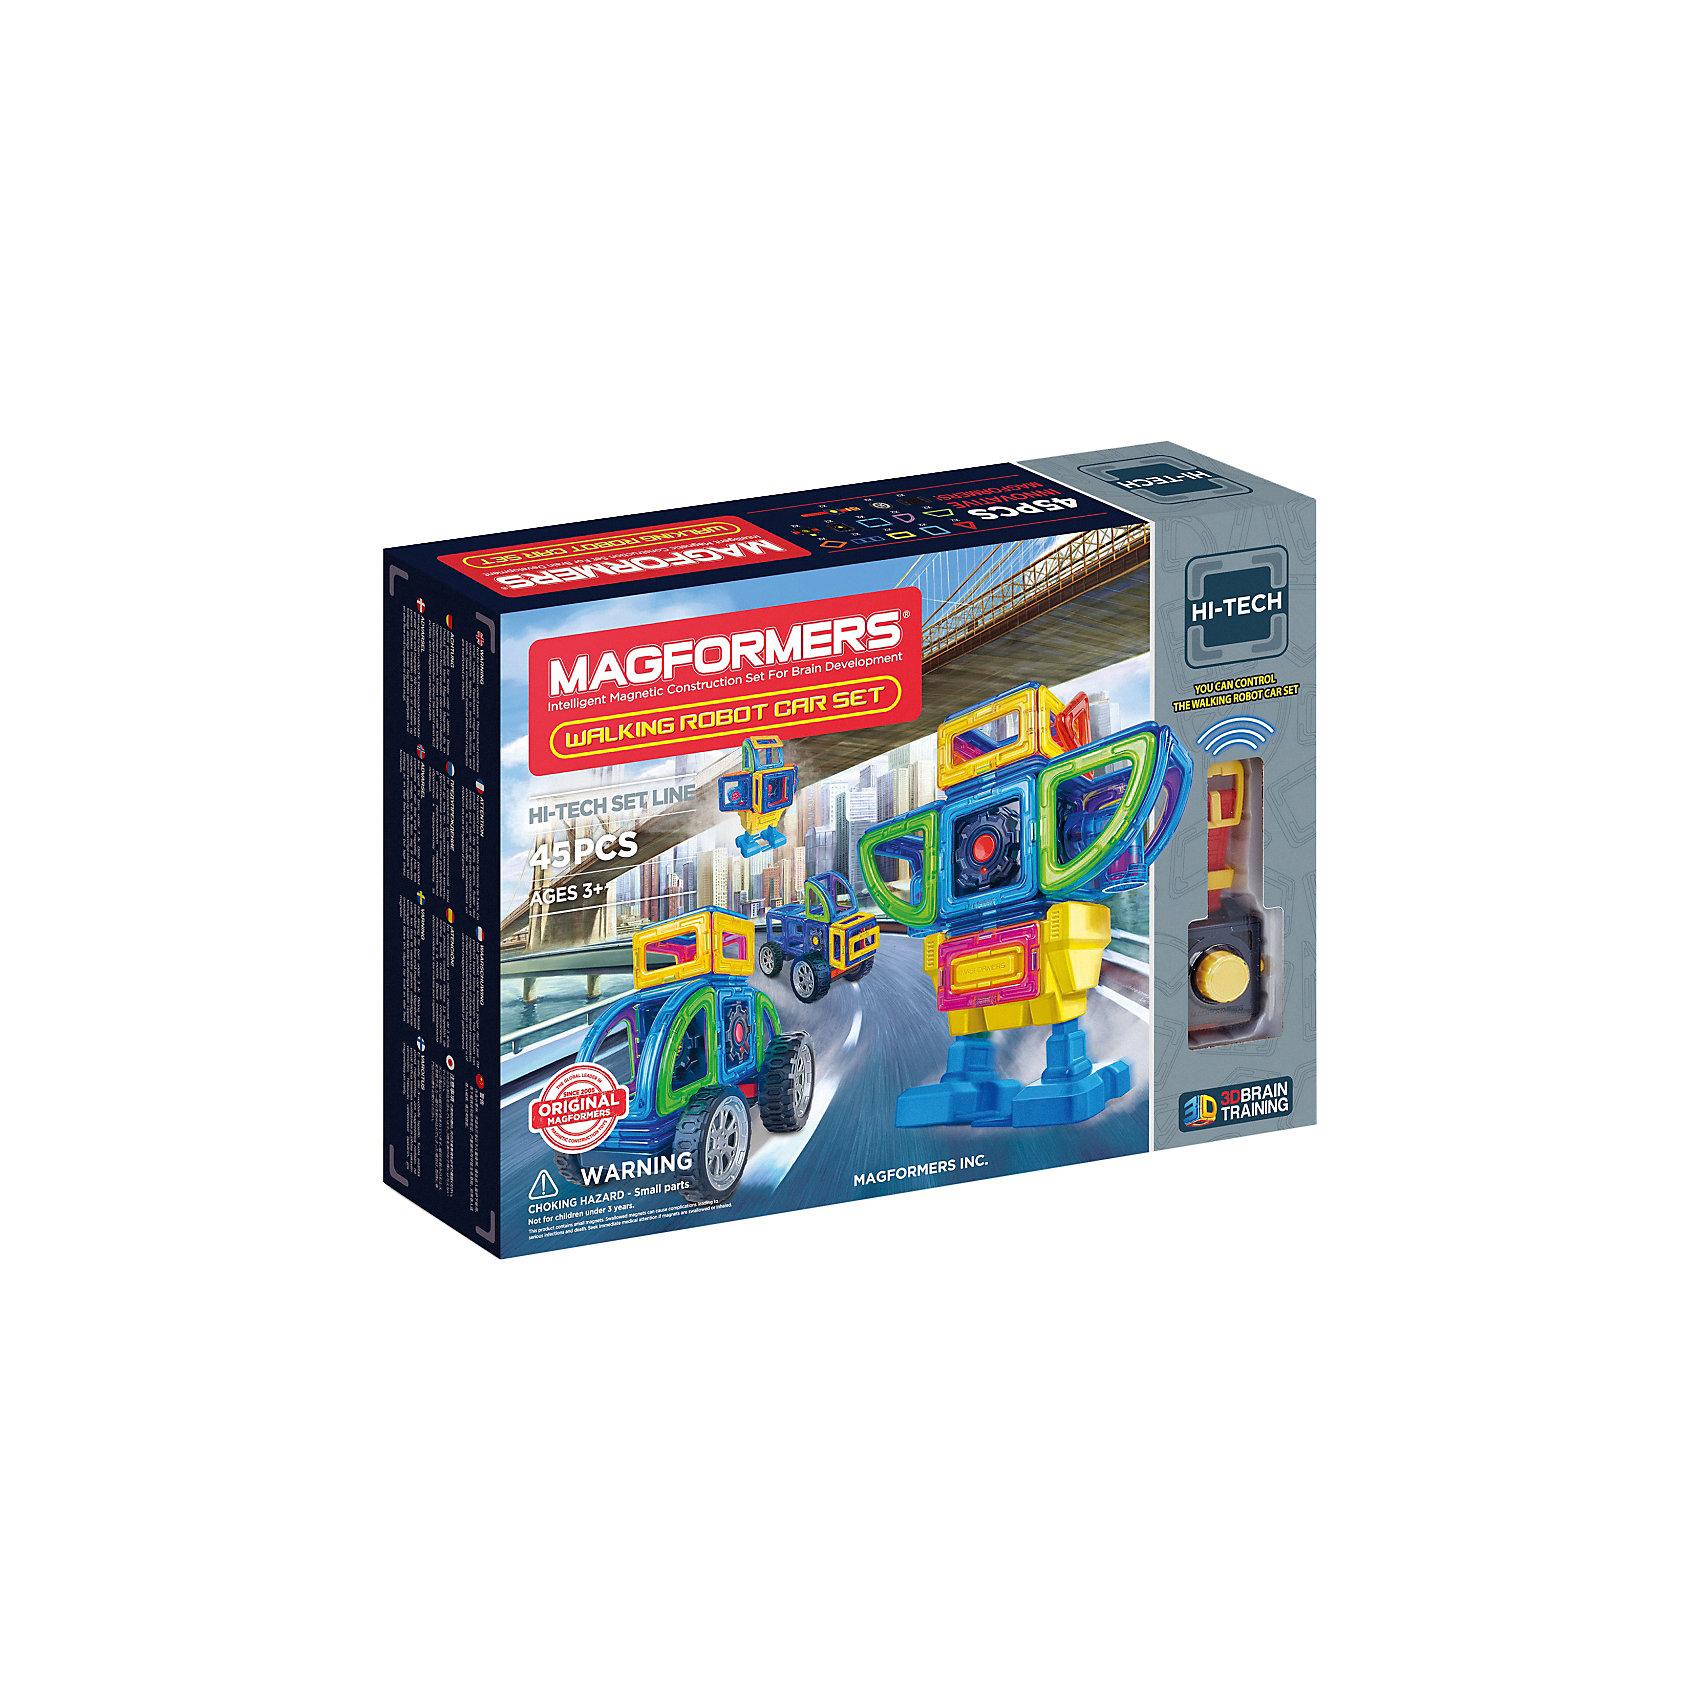 Магнитный конструктор Walking Robot Car Set 45, MAGFORMERSМагнитные конструкторы<br><br><br>Ширина мм: 440<br>Глубина мм: 320<br>Высота мм: 90<br>Вес г: 1825<br>Возраст от месяцев: 36<br>Возраст до месяцев: 2147483647<br>Пол: Унисекс<br>Возраст: Детский<br>SKU: 6992491